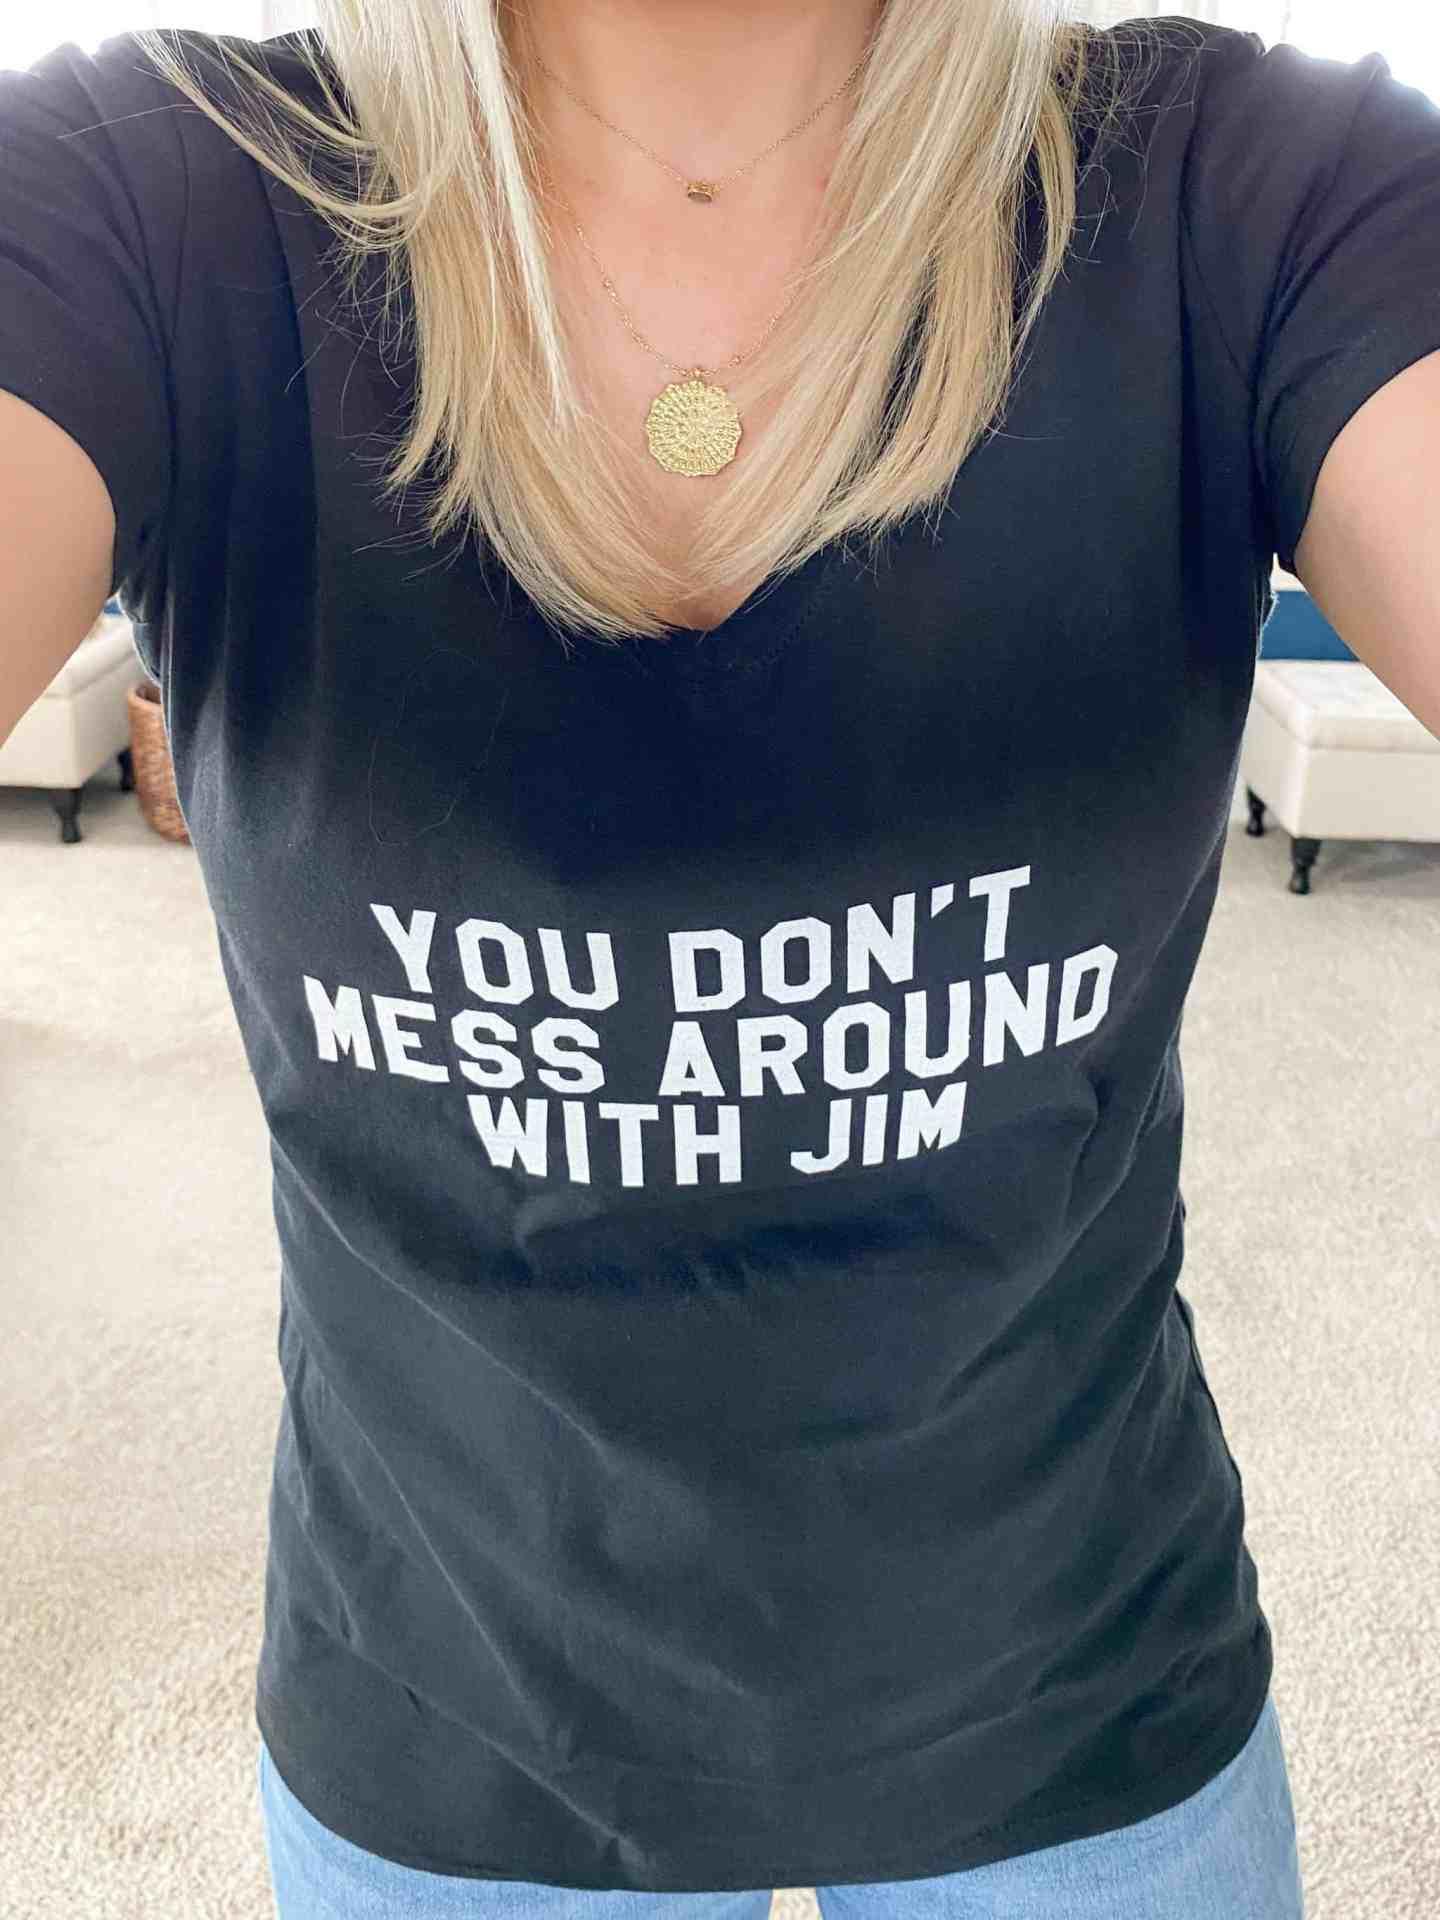 jim-croce-t-shirt-amazon